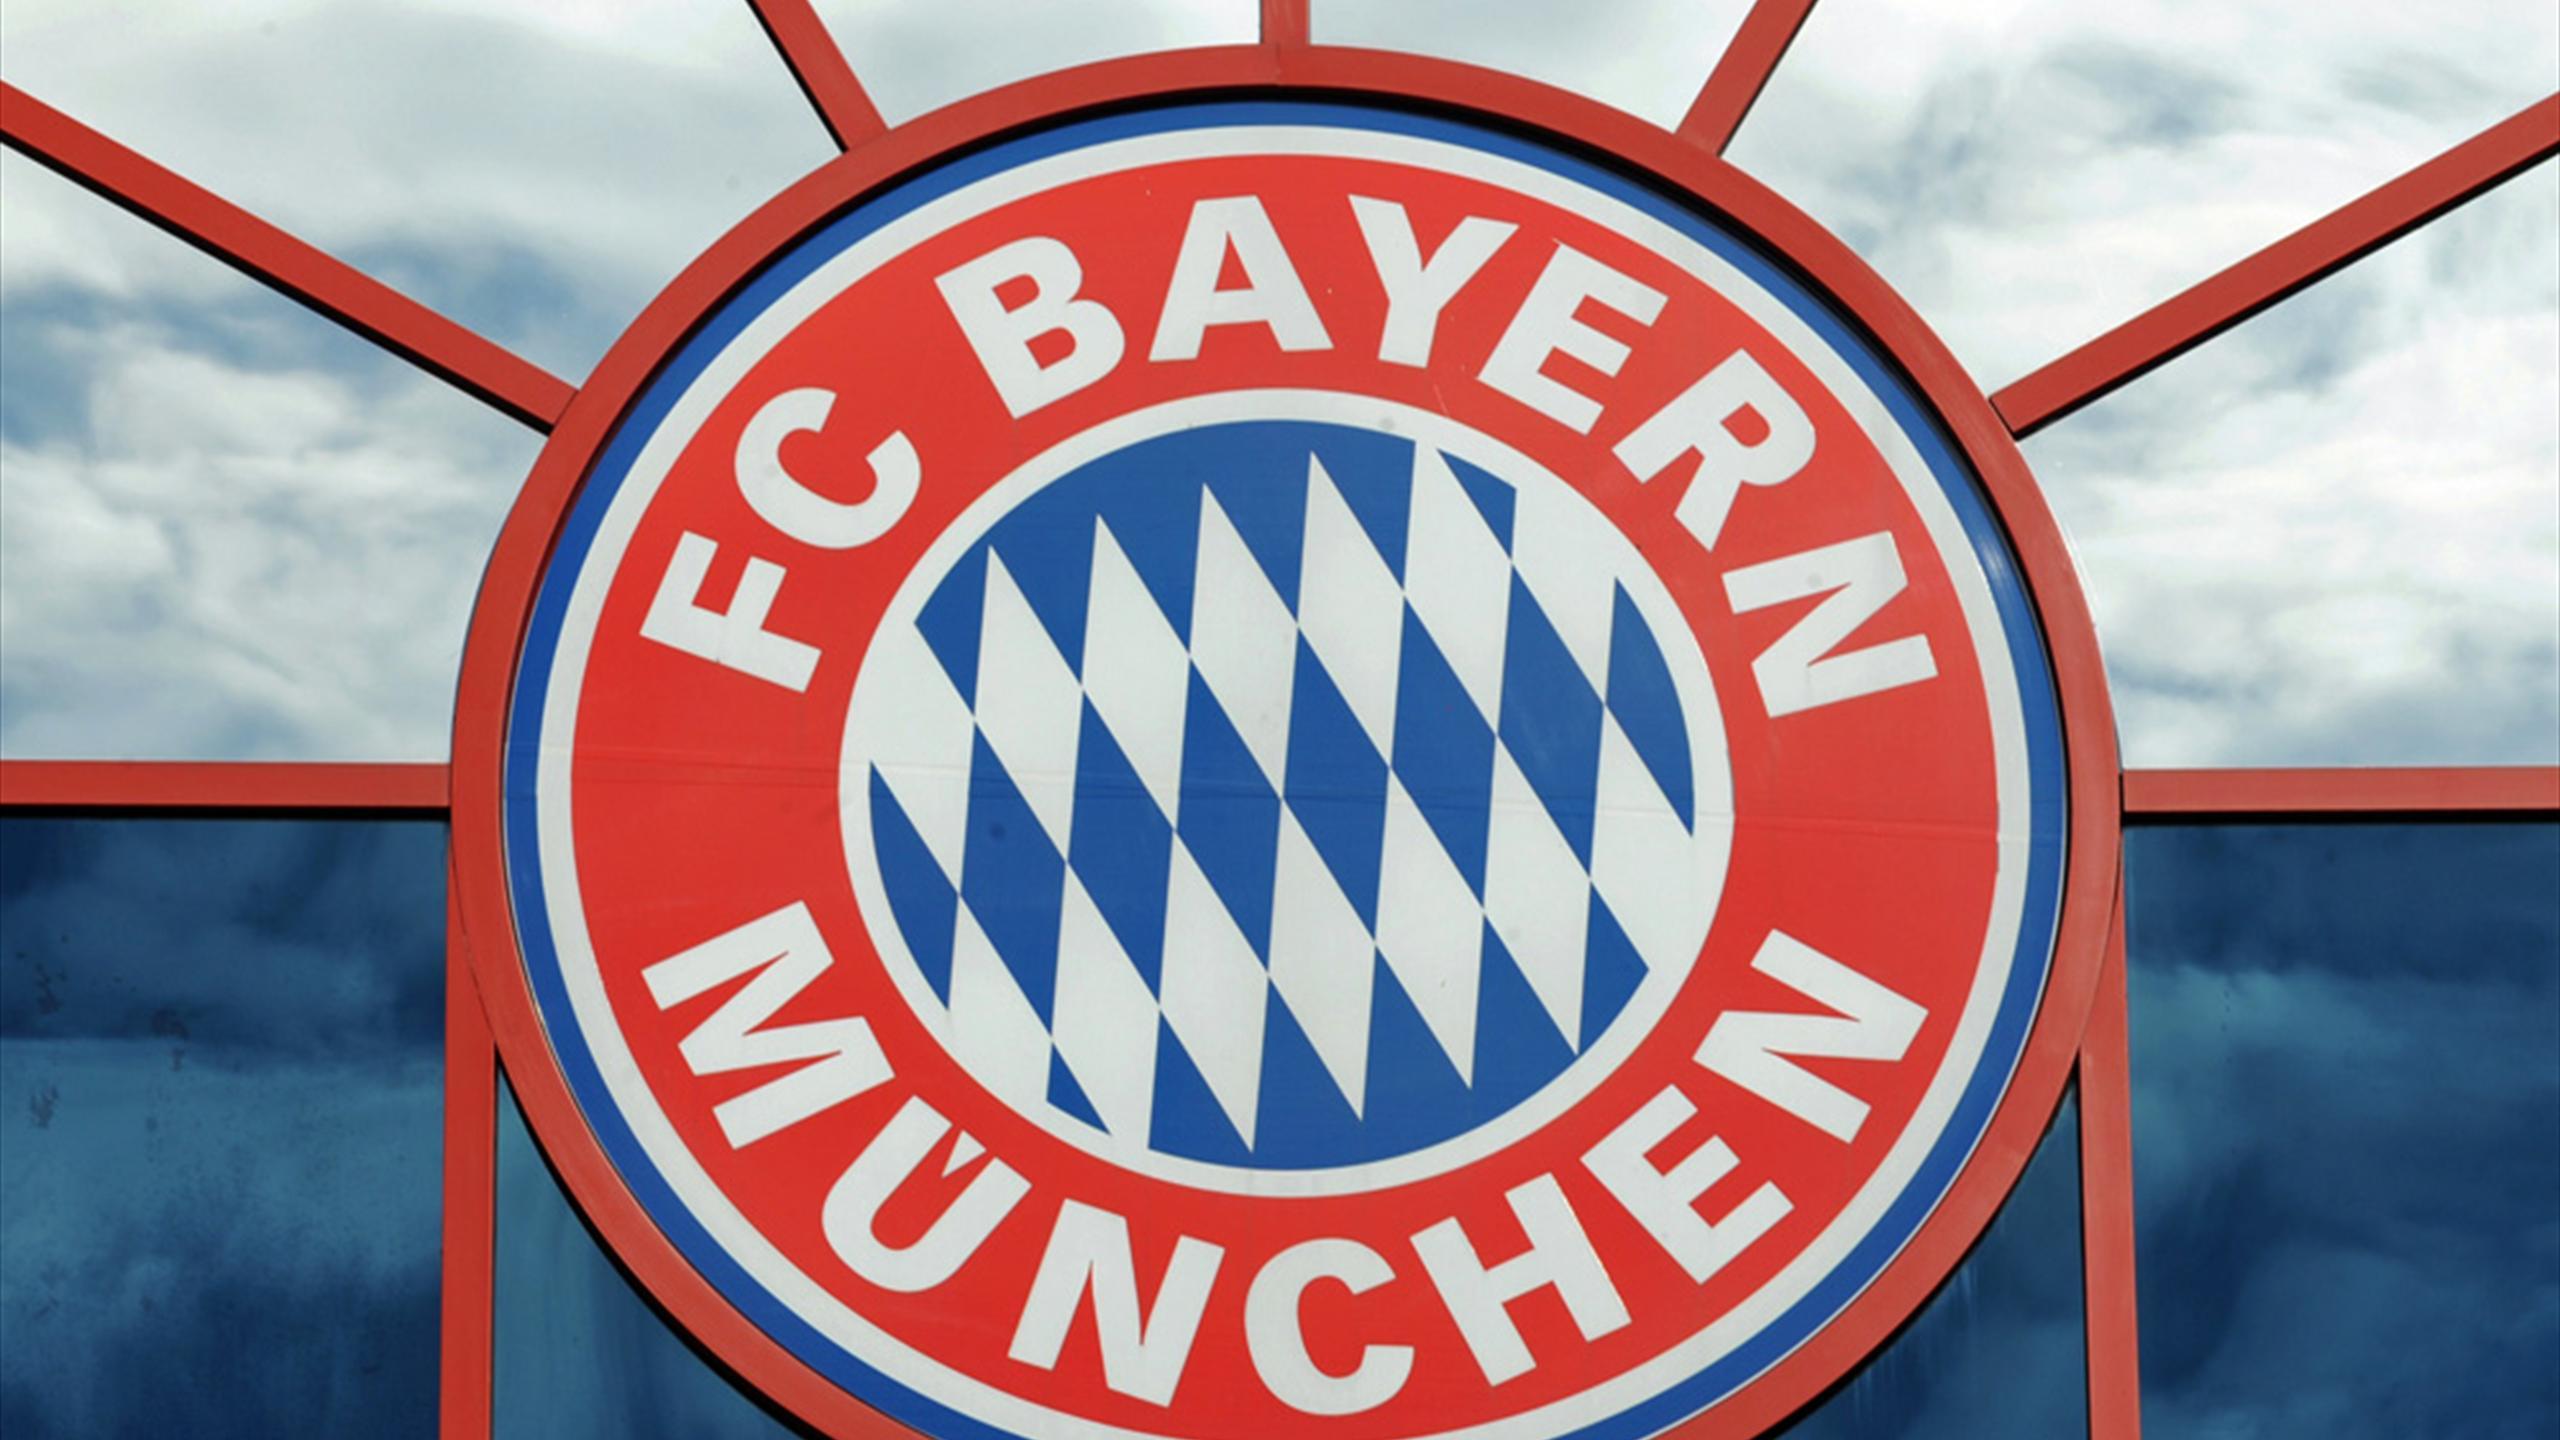 Prämien Champions League